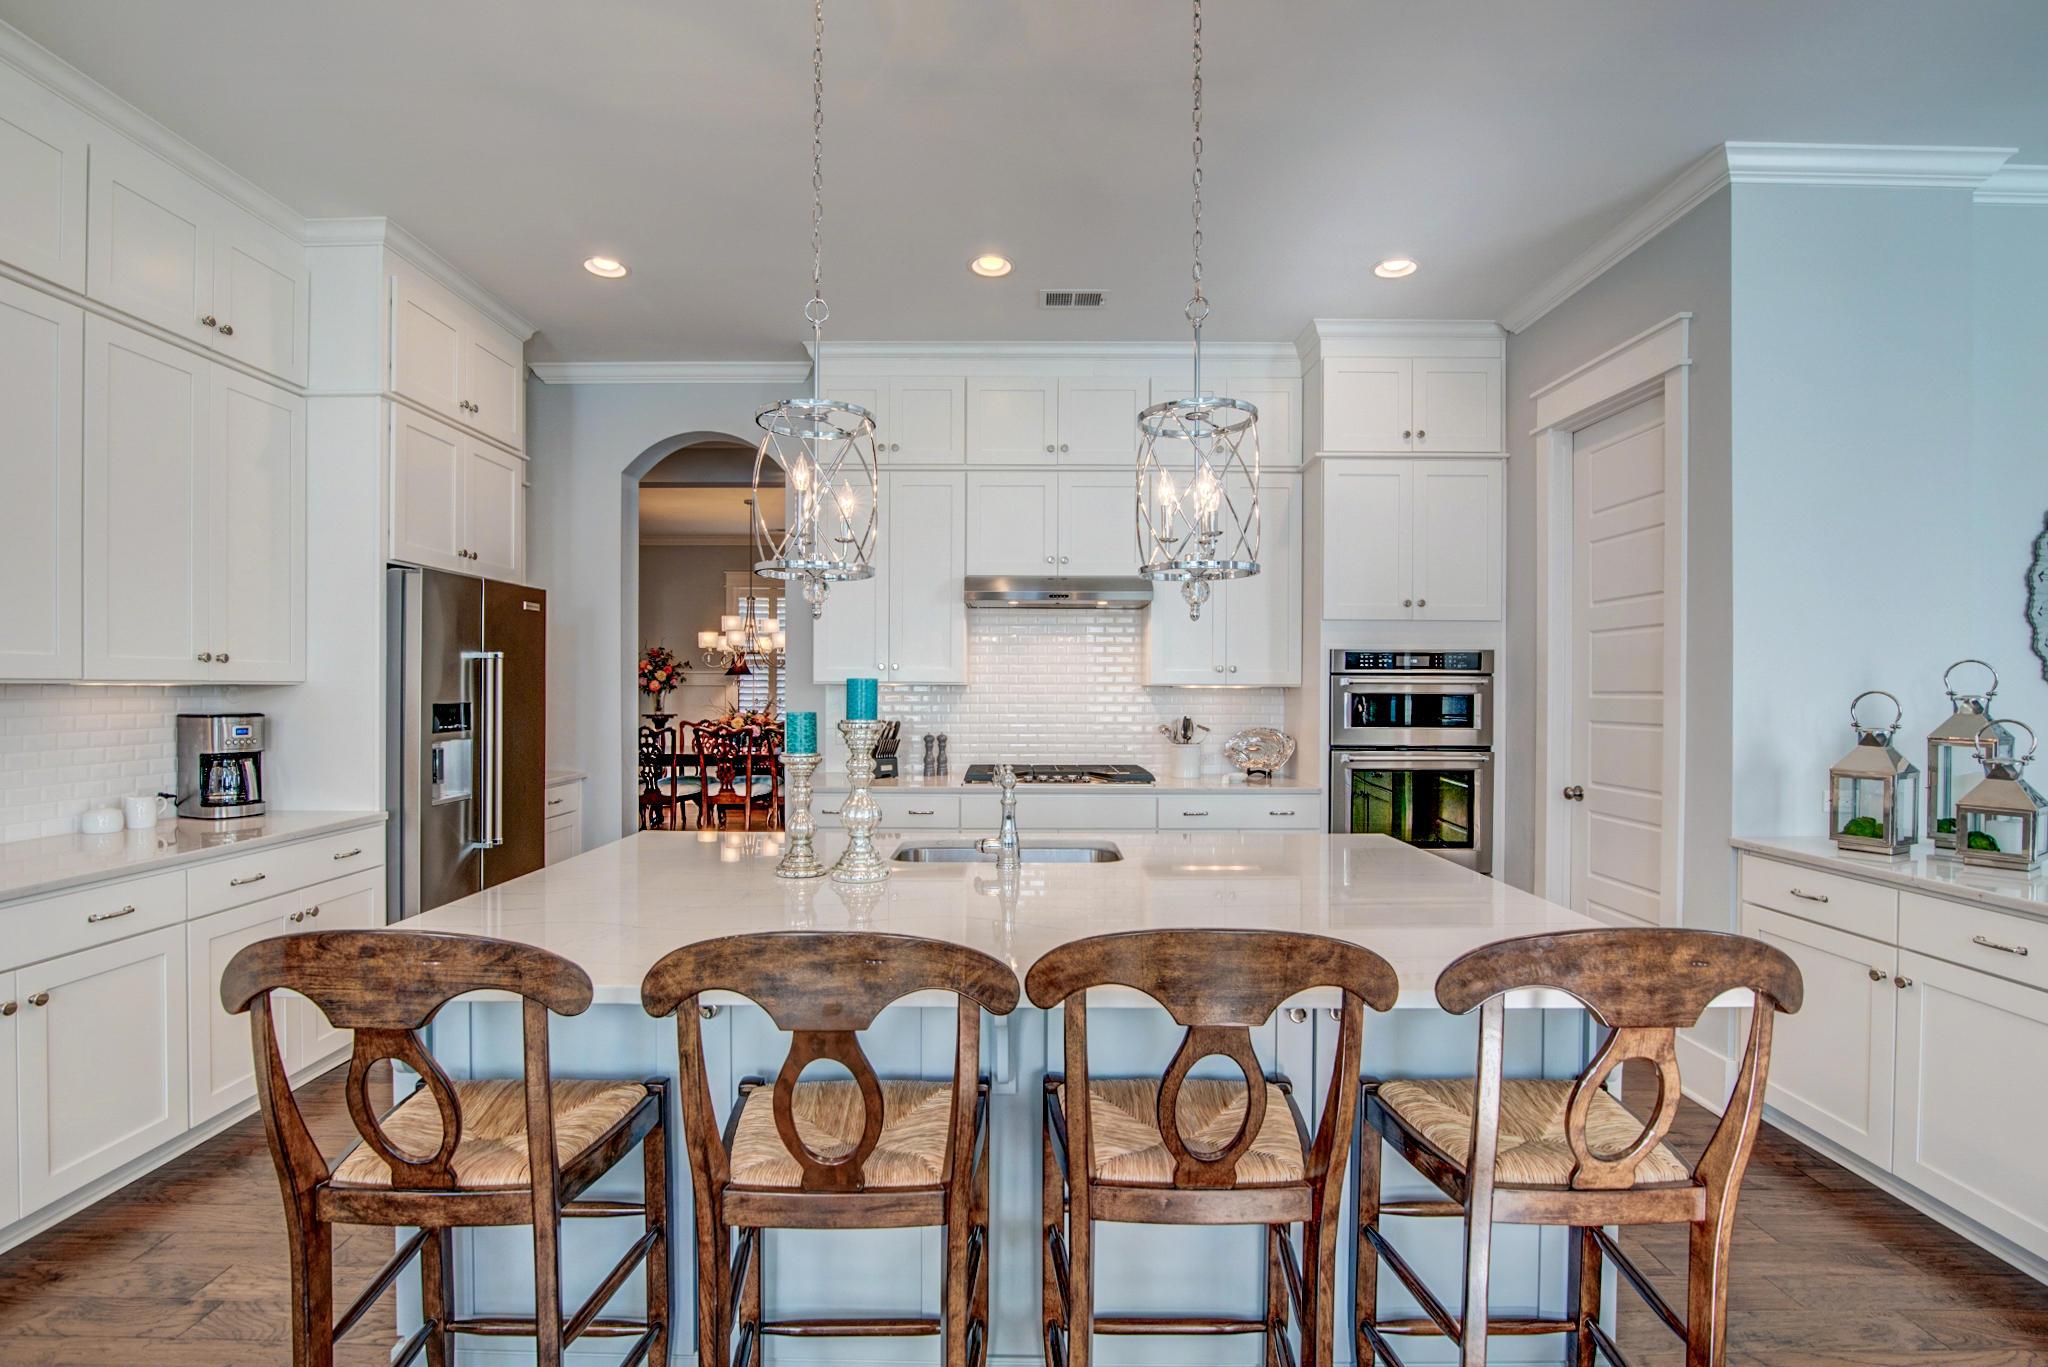 Dunes West Homes For Sale - 2883 River Vista, Mount Pleasant, SC - 45